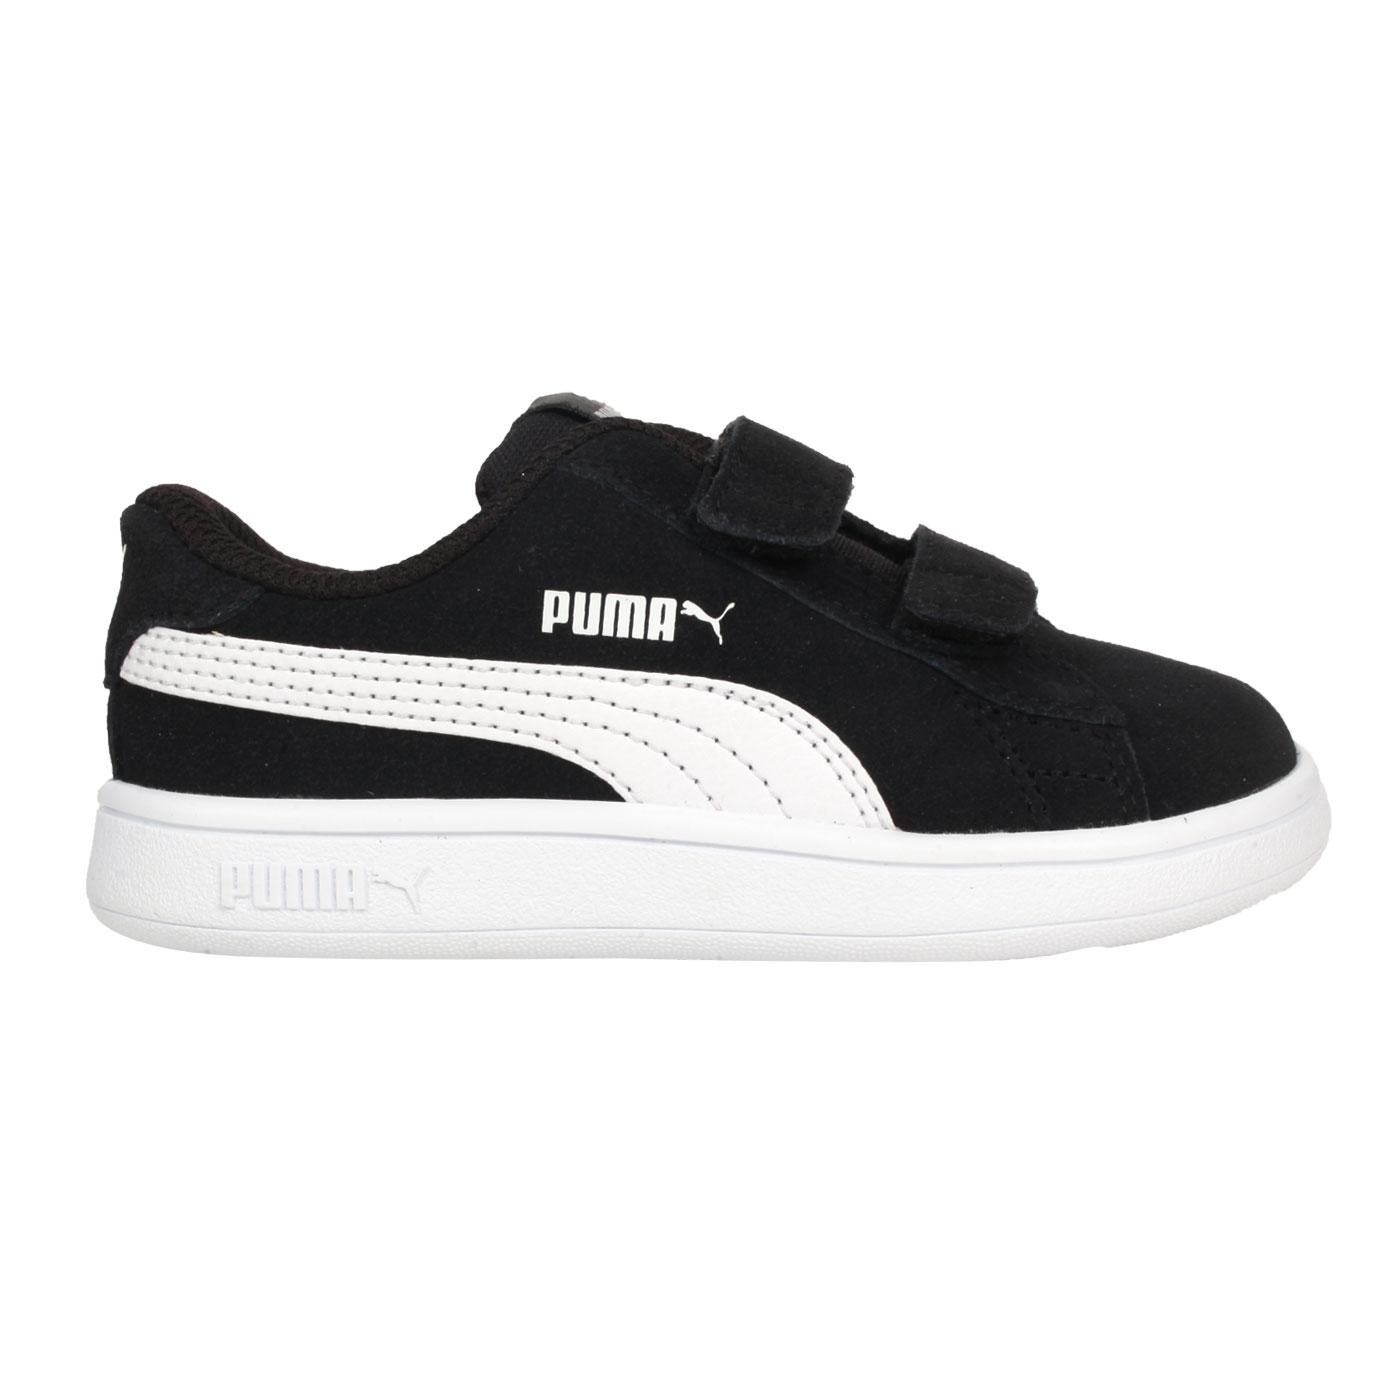 PUMA 小童休閒運動鞋  @Smash v2 SD V Inf@36517801 - 黑白